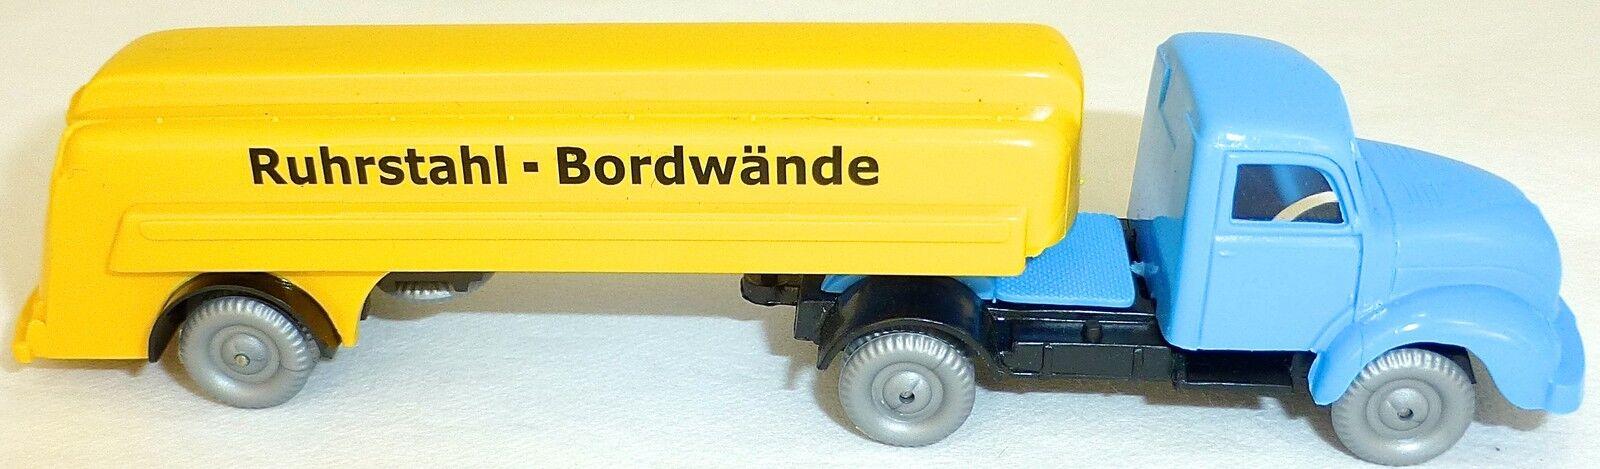 Ruhrstahl bordwände semitrailer tanker magirus IMU 1 87 h0 å